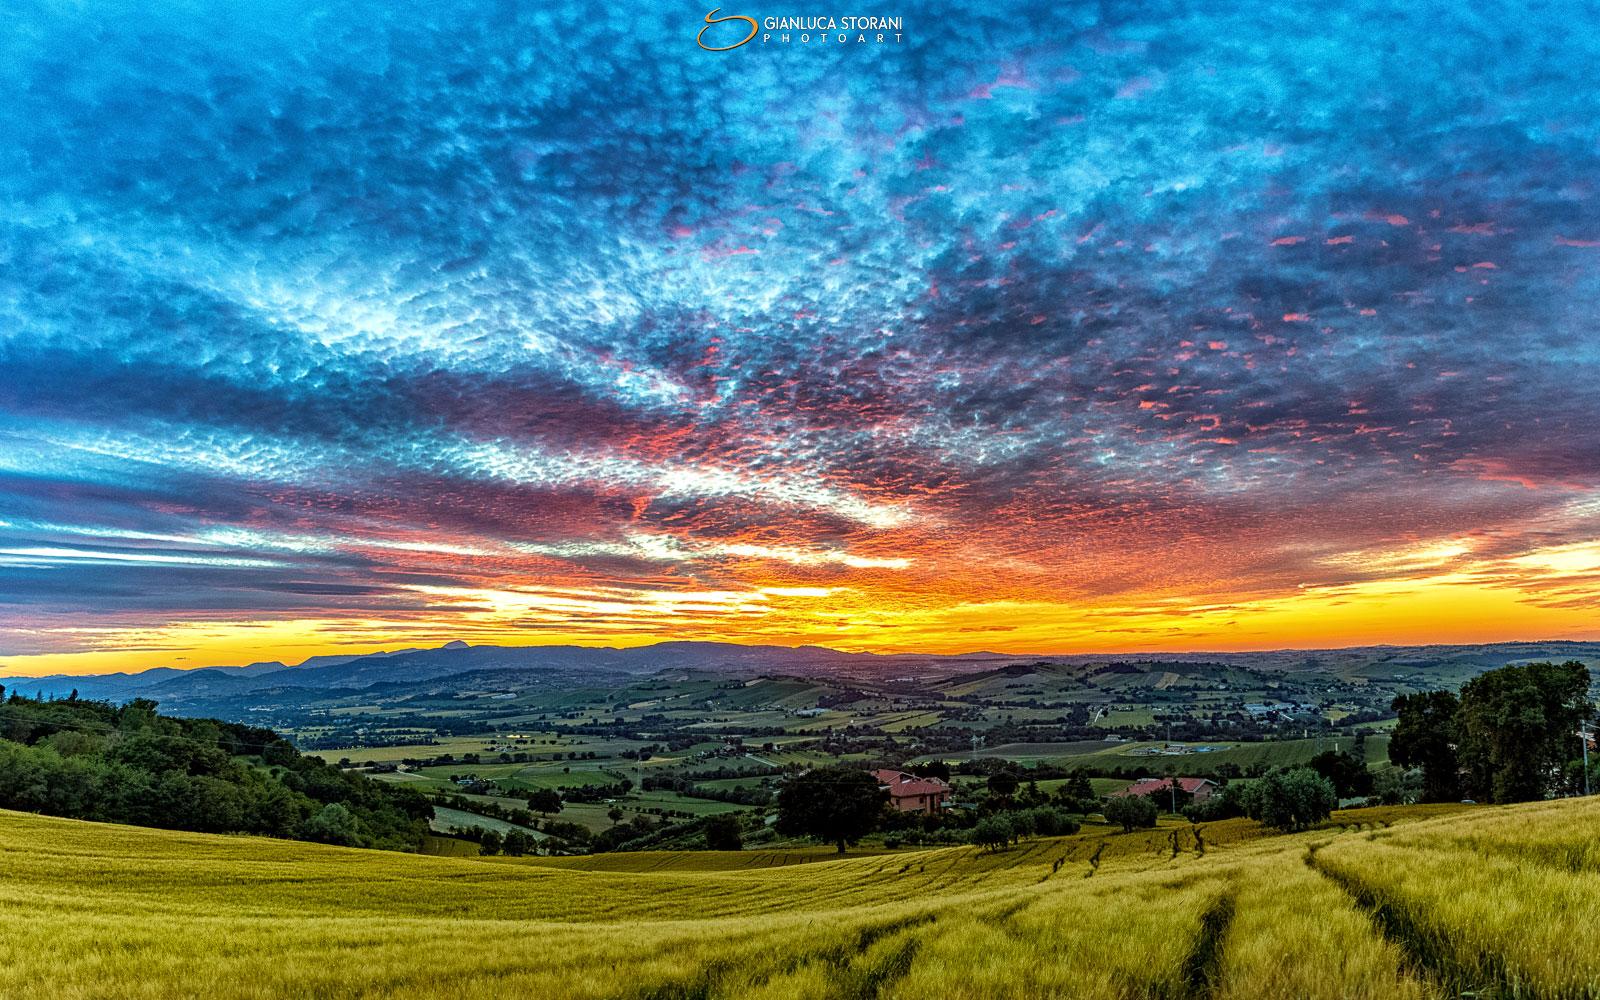 Magico tramonto di fine Maggio - Gianluca Storani Photo Art (ID 2-7372)